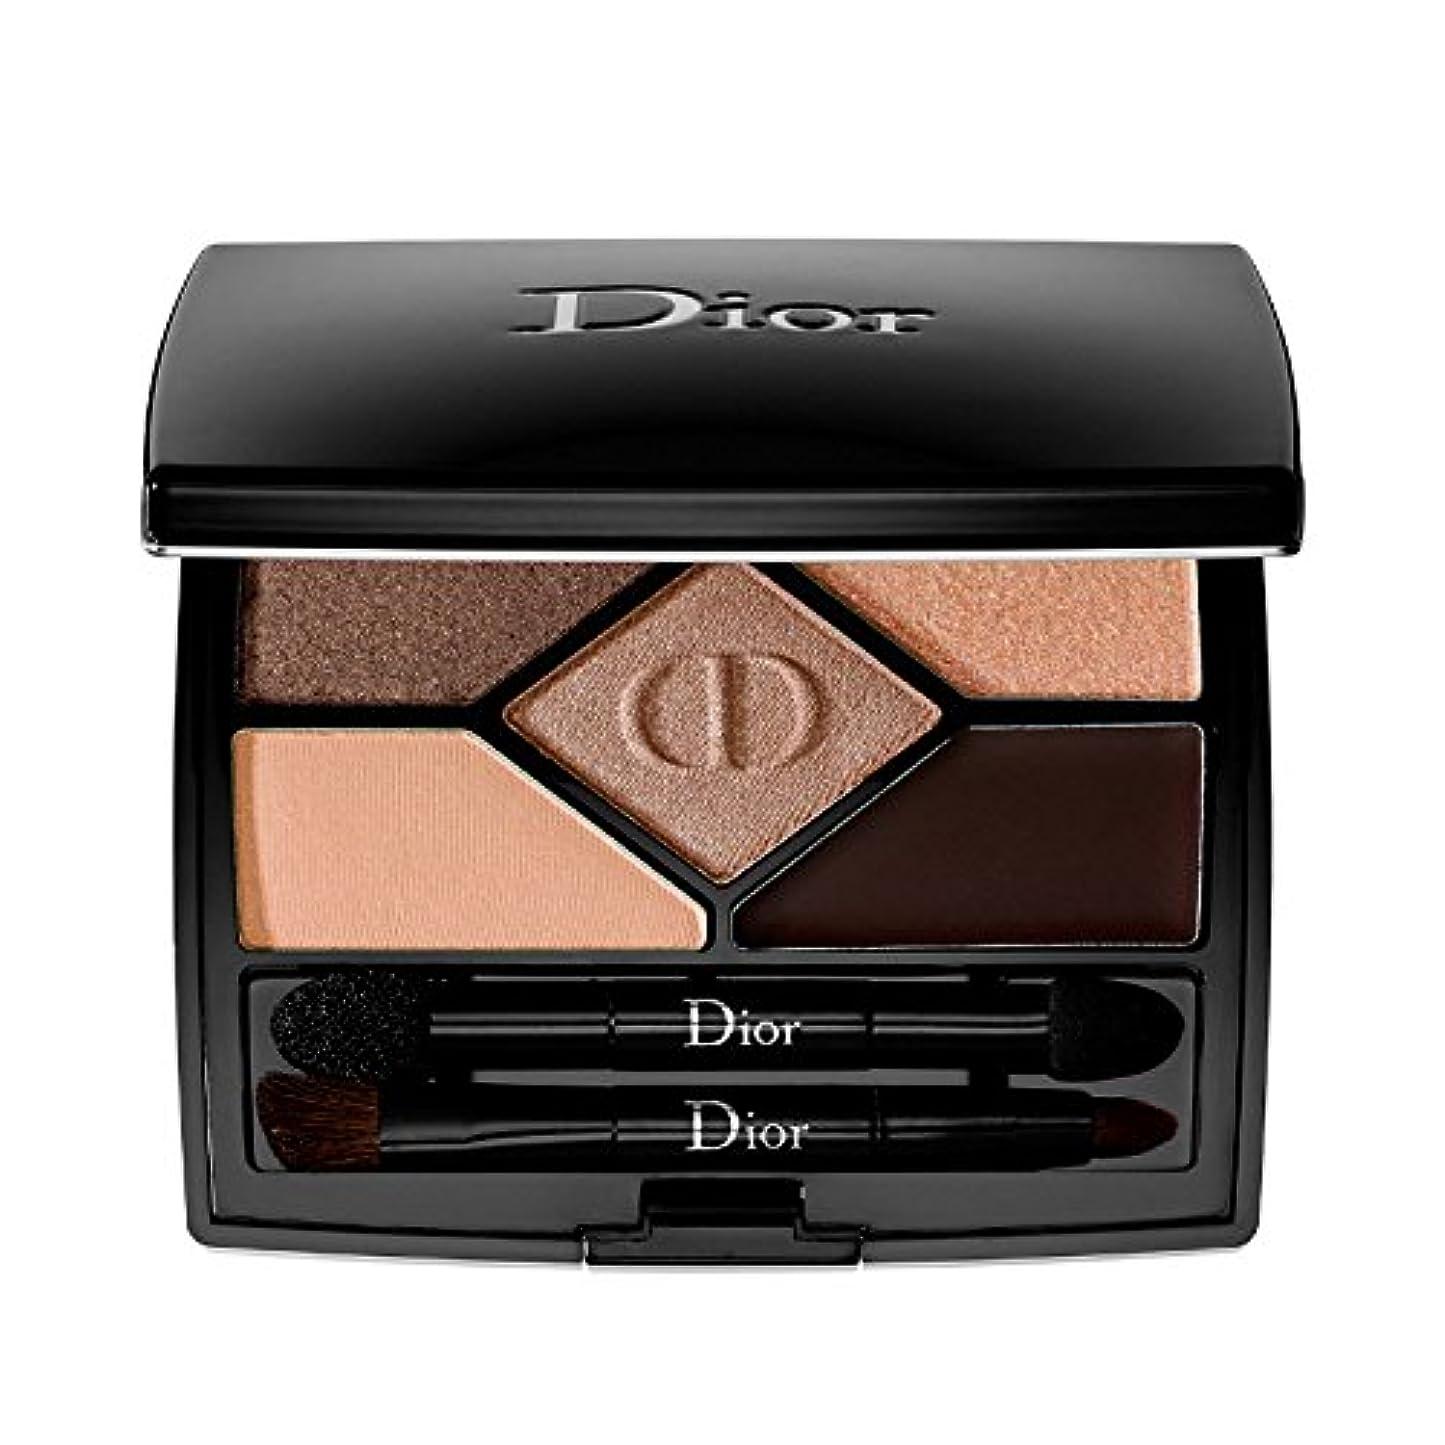 化学者受け皿スナッチクリスチャン ディオール(Christian Dior) サンク クルール デザイナー #708 アンバー デザイン 5.7g[並行輸入品]